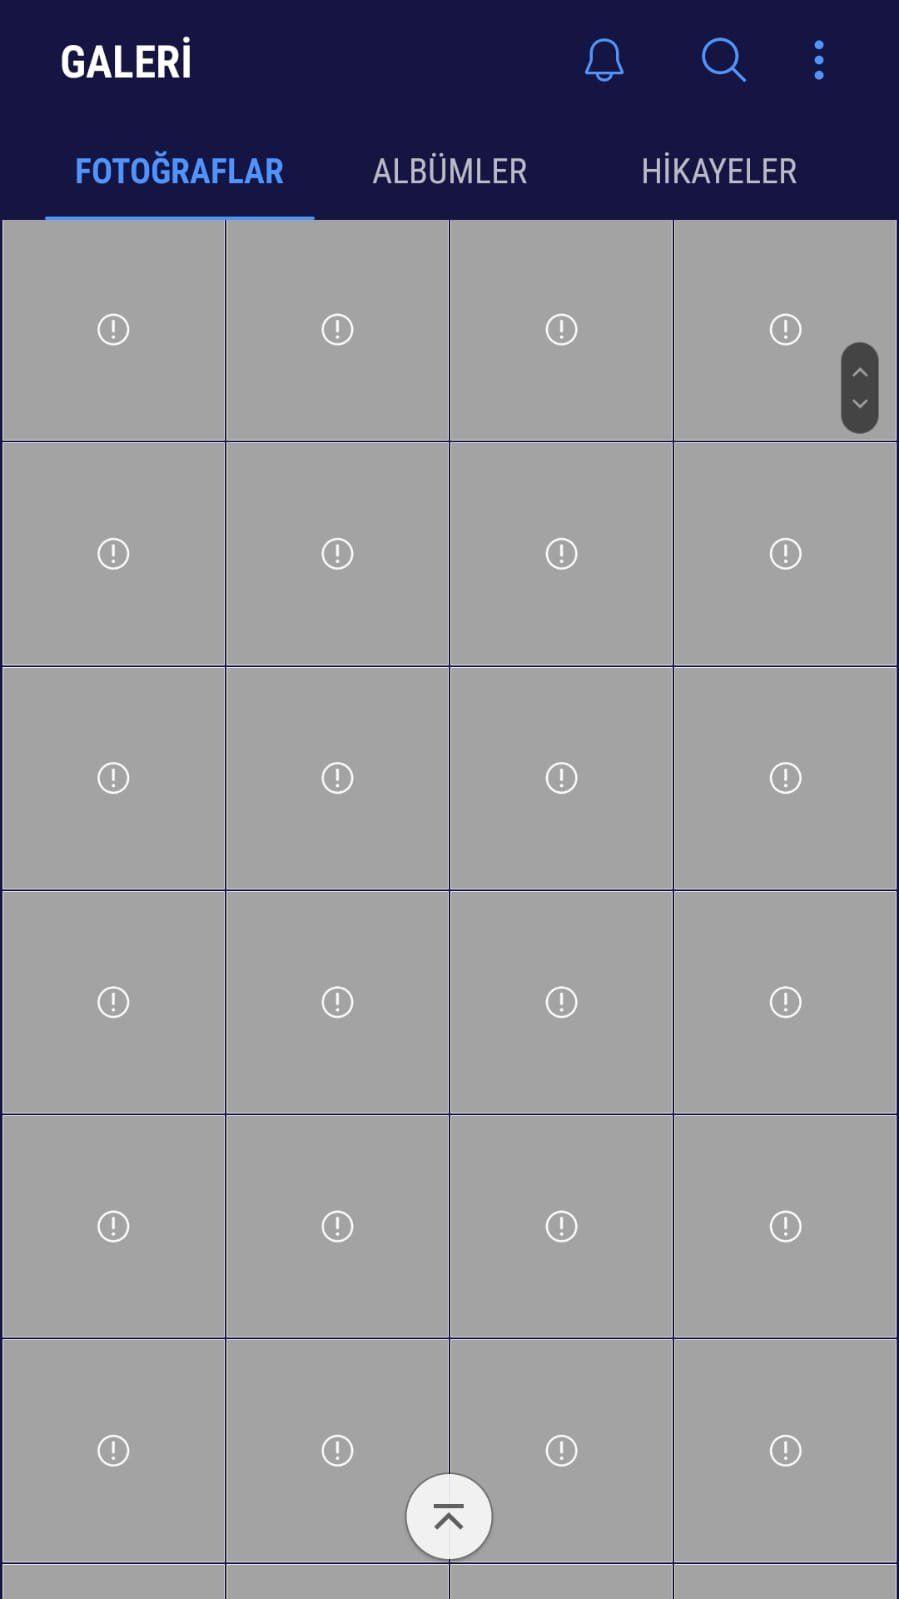 a2123c32585d0 Samsung Galeride Fotoğrafların Gözükmemesi | Technopat Sosyal